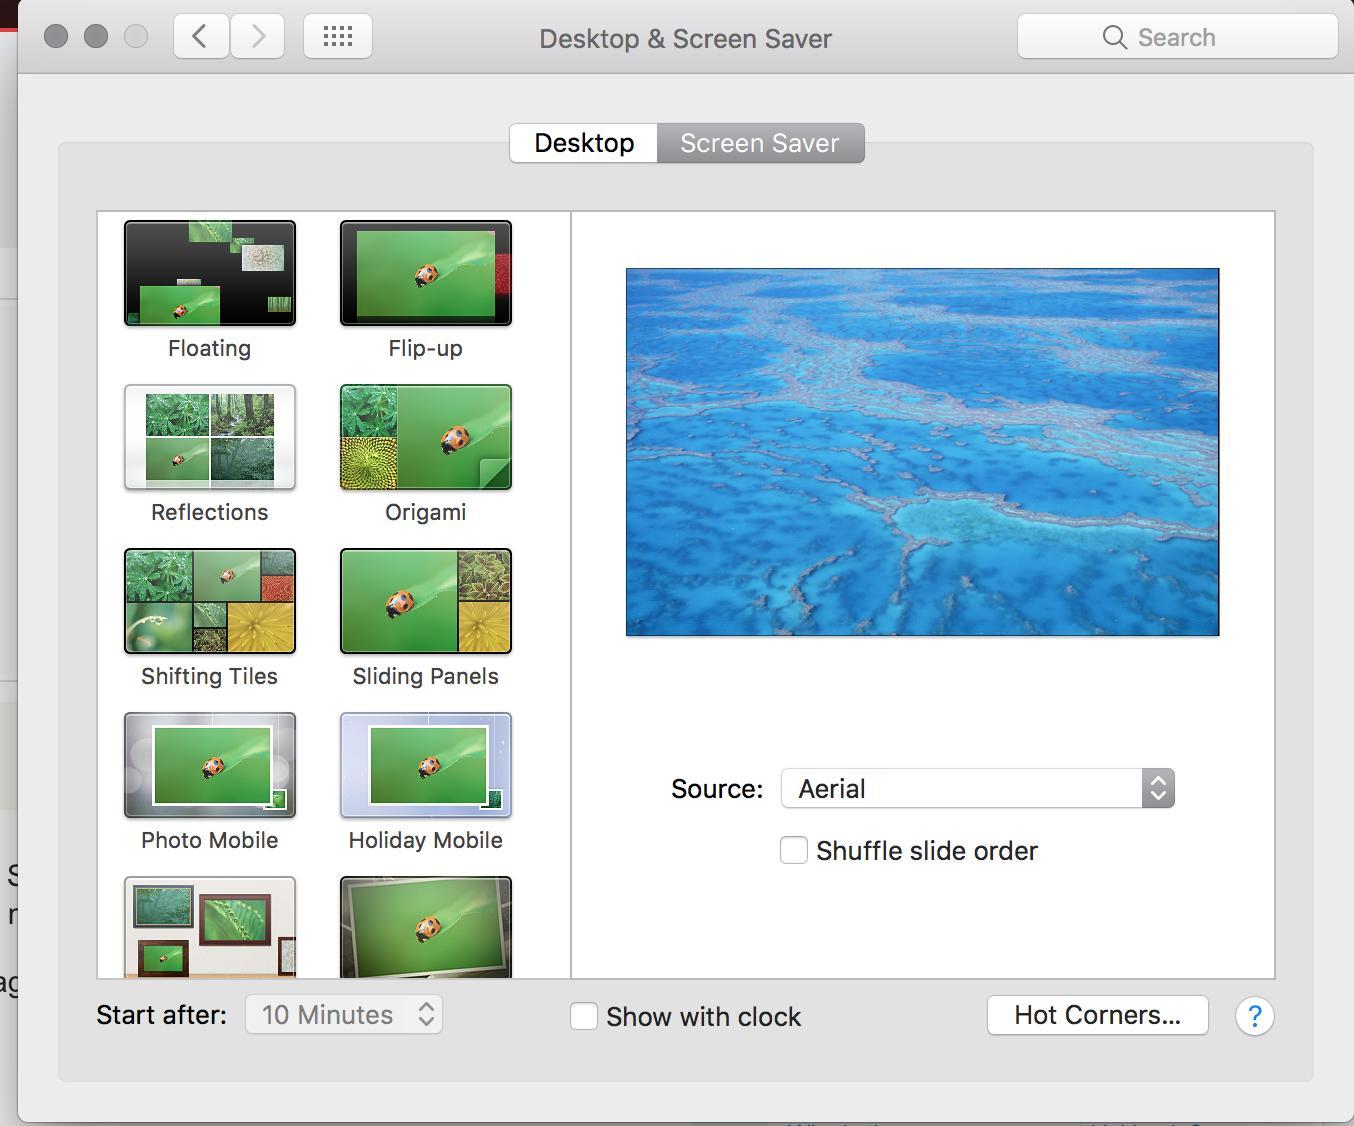 how do i manually enable a screensaver